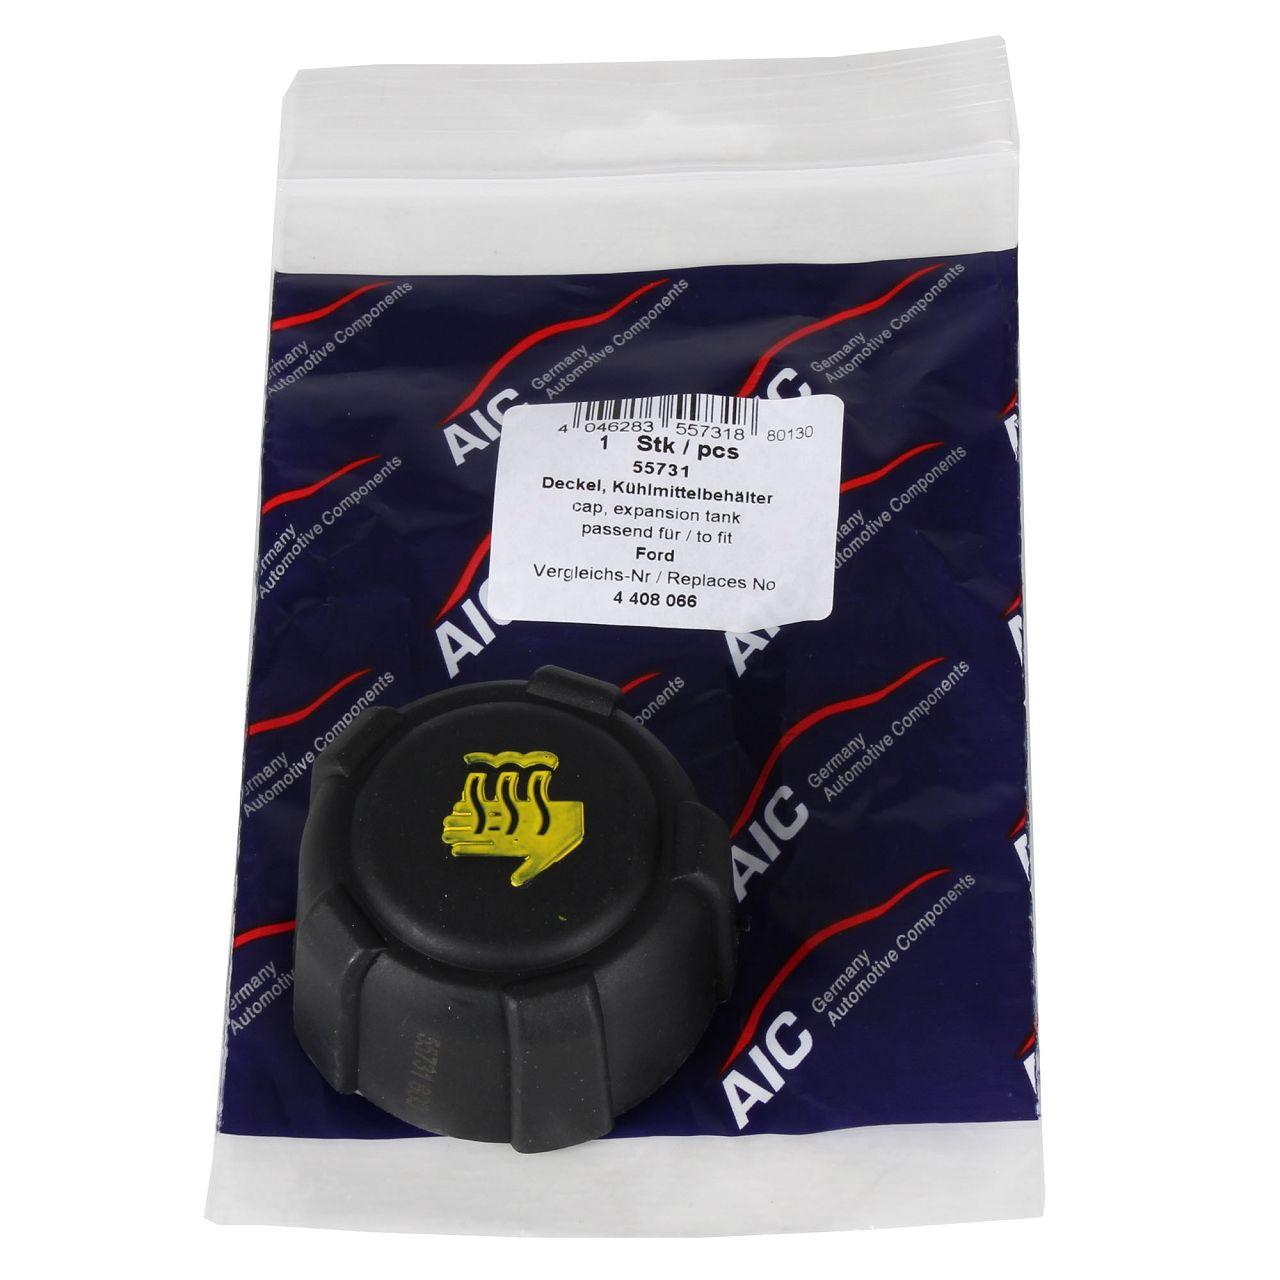 AIC Kühlerdeckel Verschlussdeckel 1,4 bar für DACIA MERCEDES-BENZ NISSAN RENAULT